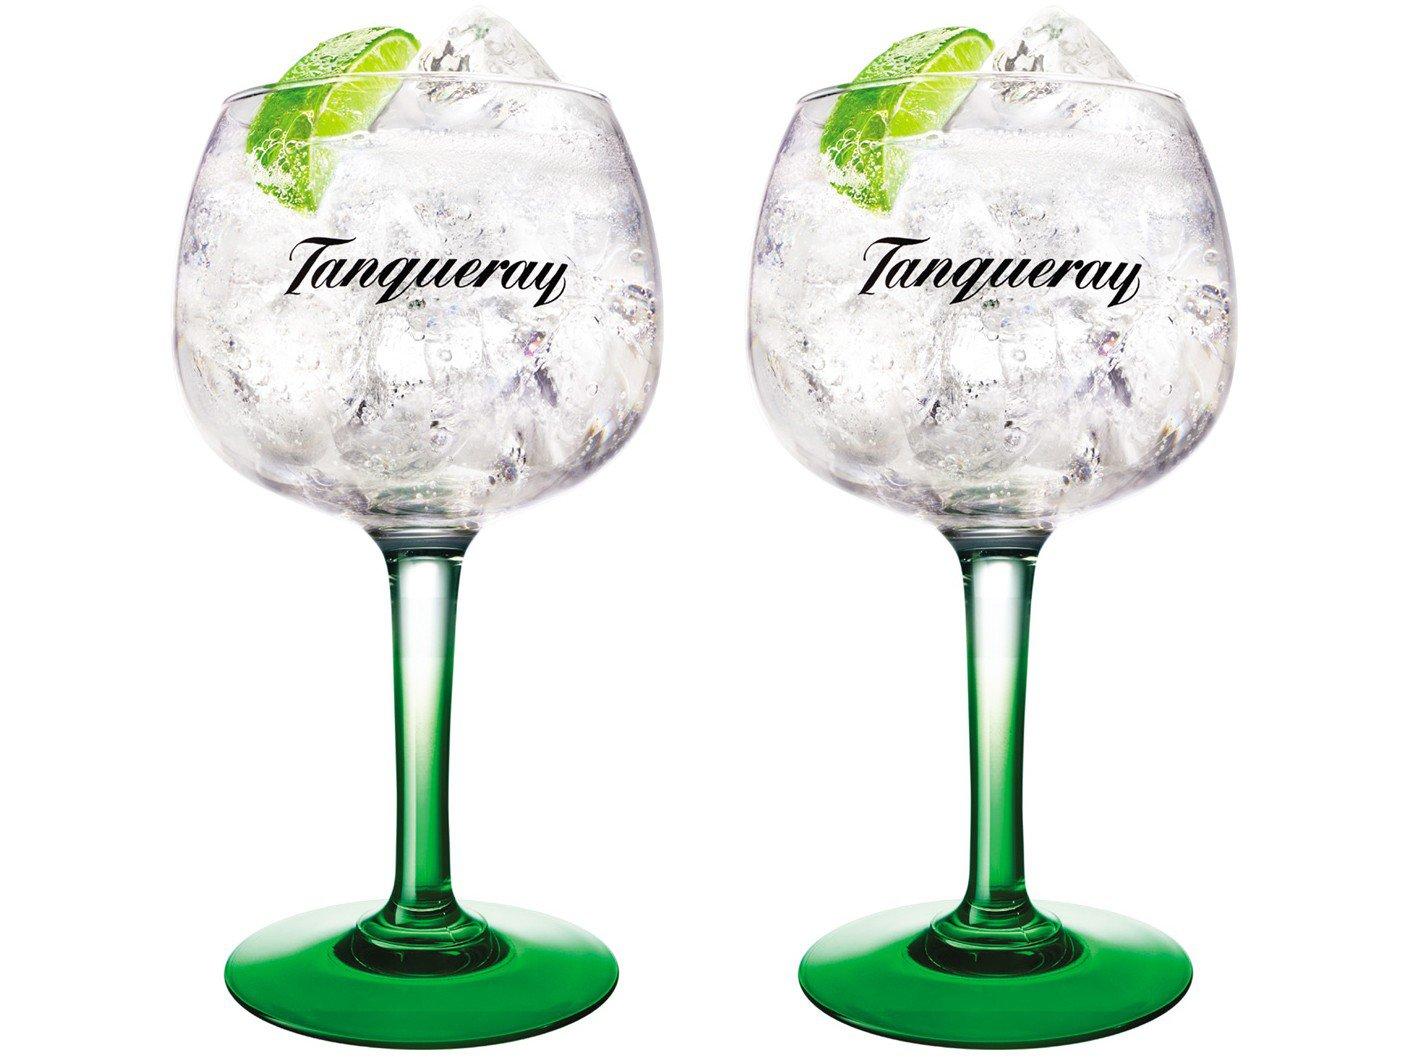 Jogo de Taças para Gin Vidro 600ml 2 Peças - Globimport Diageo Tanqueray